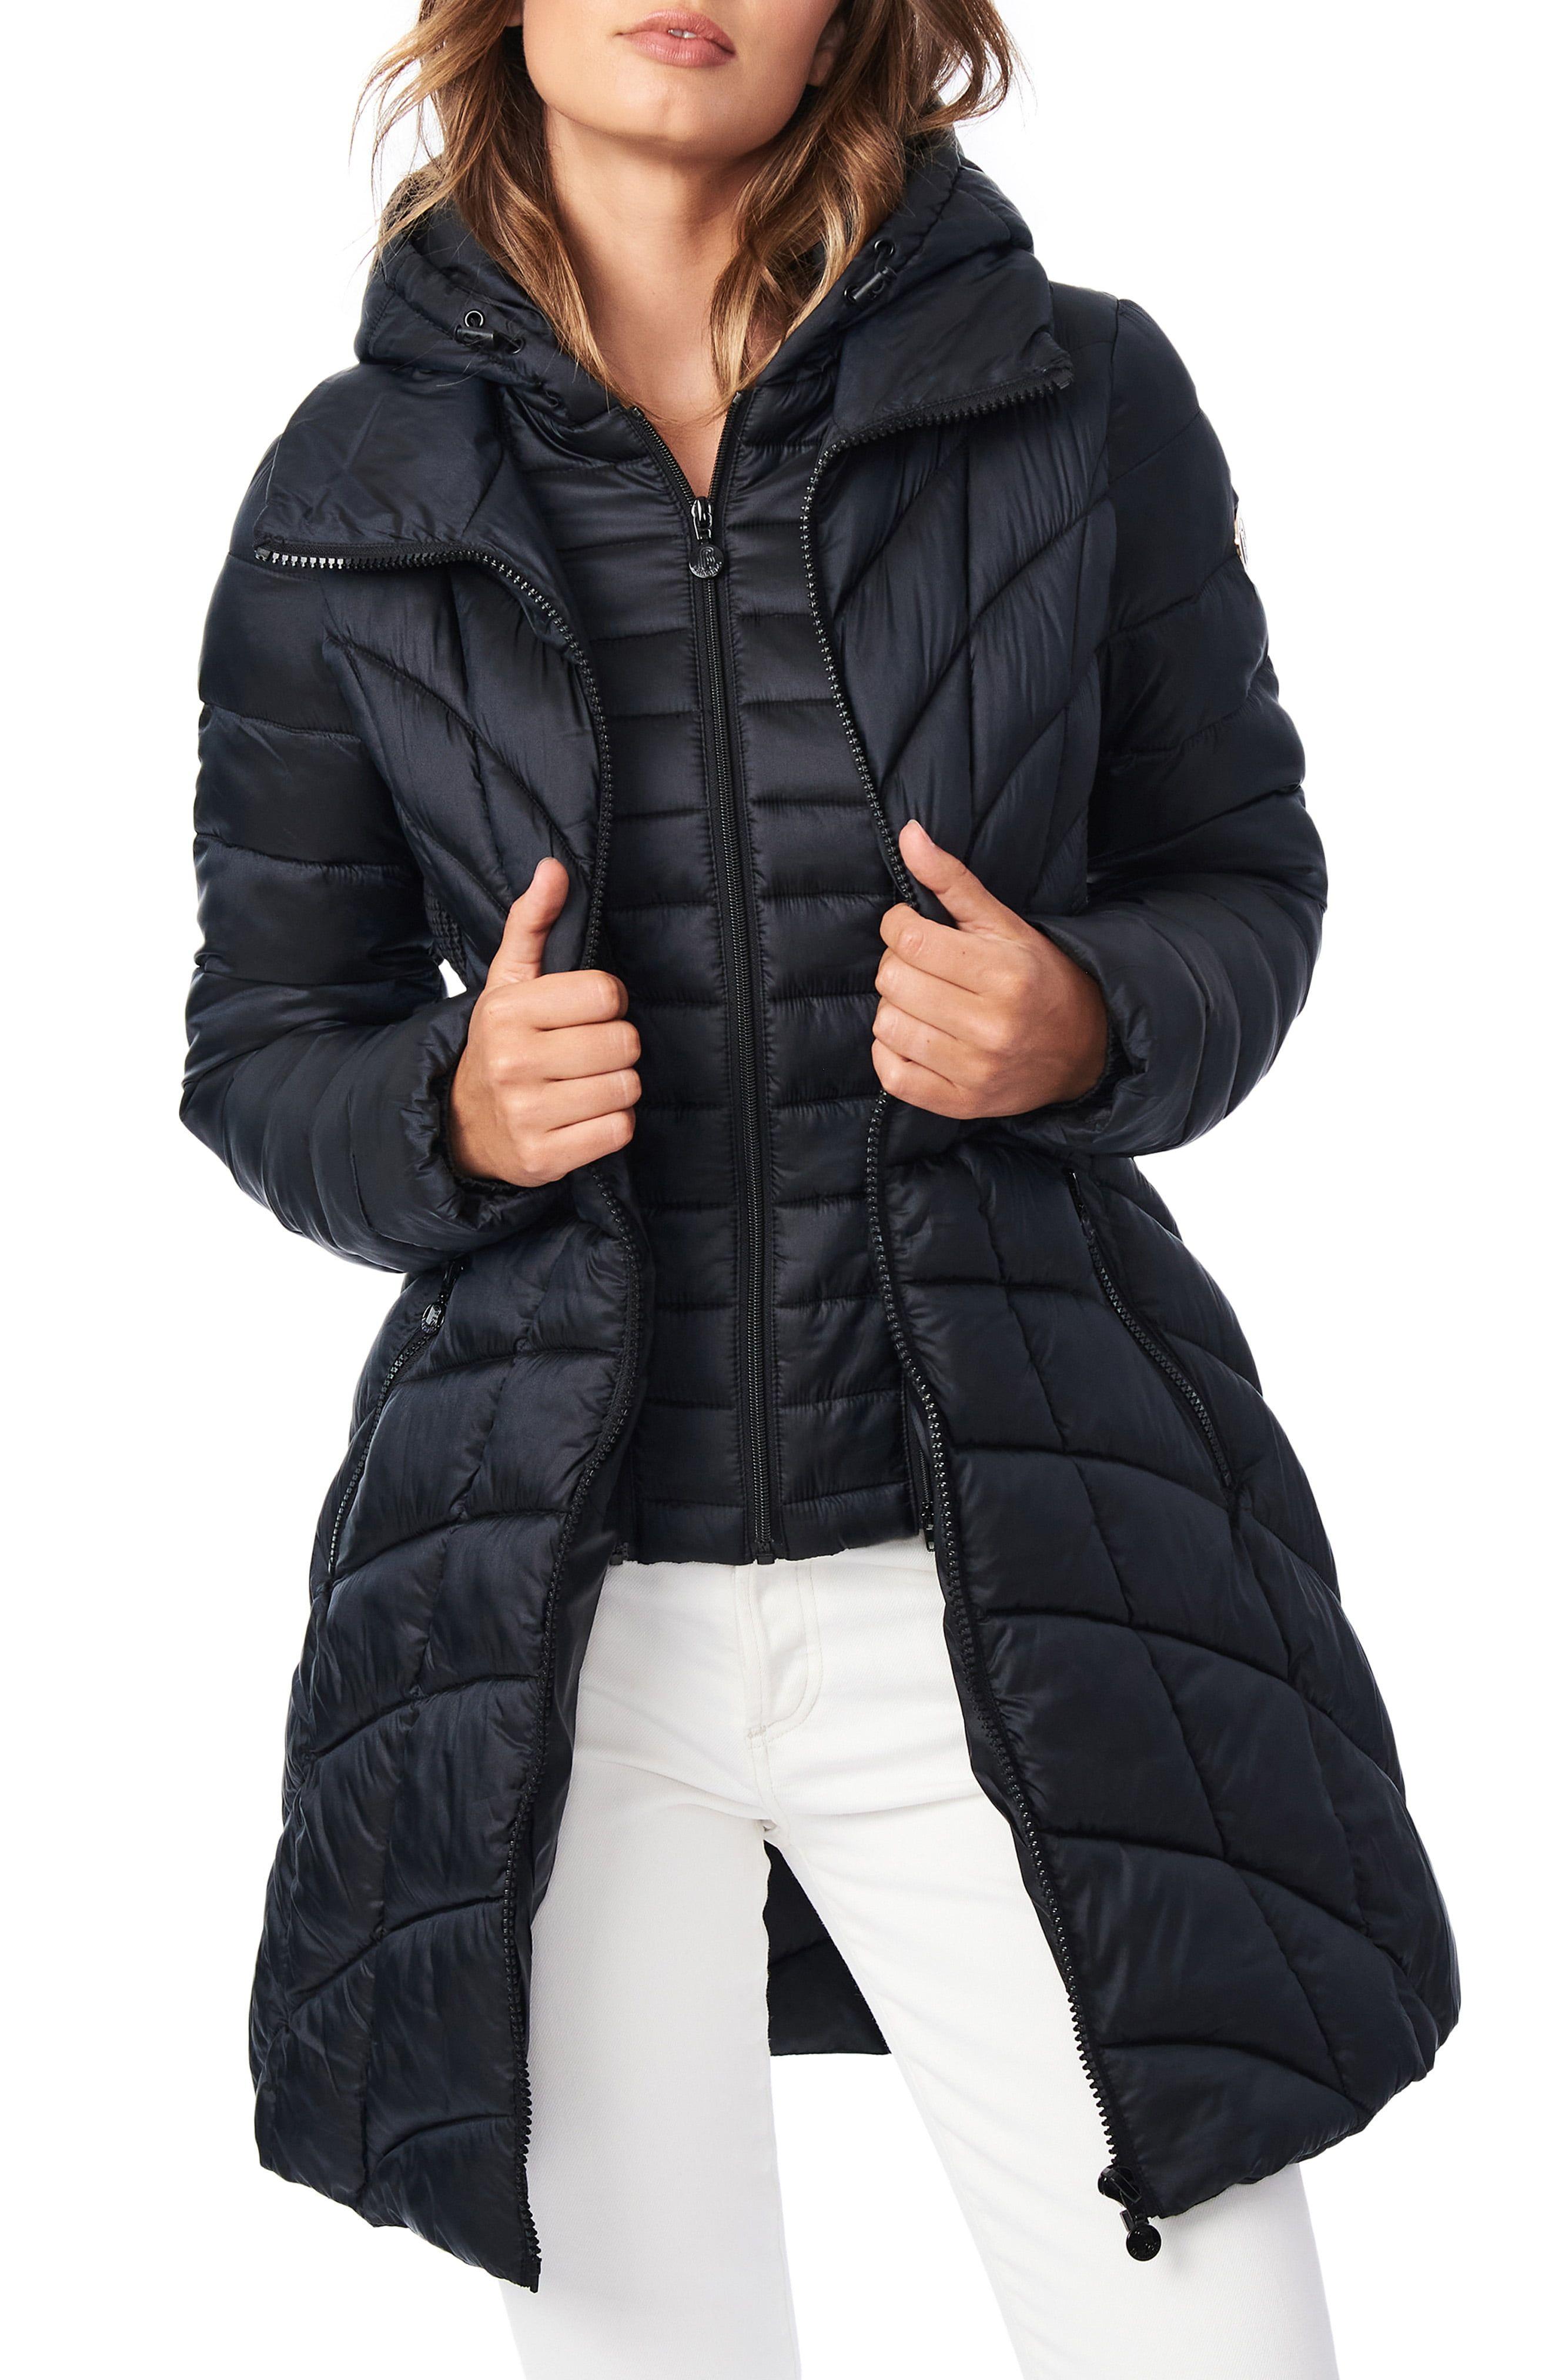 Bernardo Mixed Quilt Ecoplume Packable Hooded Puffer Jacket Nordstrom In 2021 Puffer Jackets Puffer Coat Coats For Women [ 4048 x 2640 Pixel ]